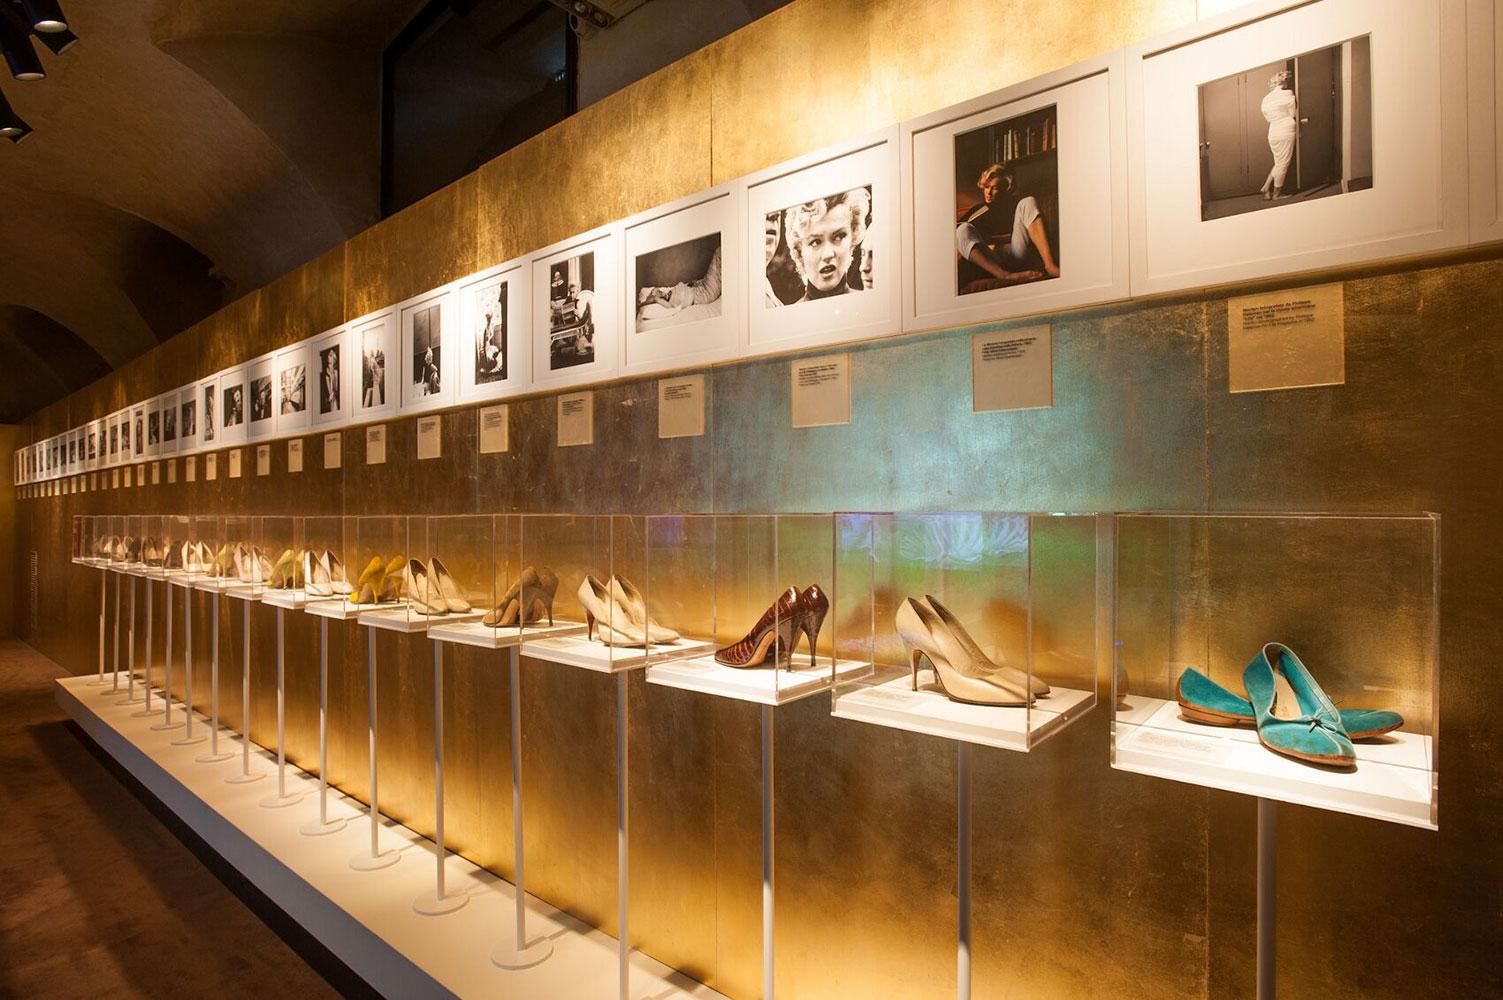 Năm 2012, Salvatore Ferragamo từng mở triển lãm về Marilyn Monroe, trưng bày những đôi giày cô từng mang từ thương hiệu. Ảnh: The Skinny Beep